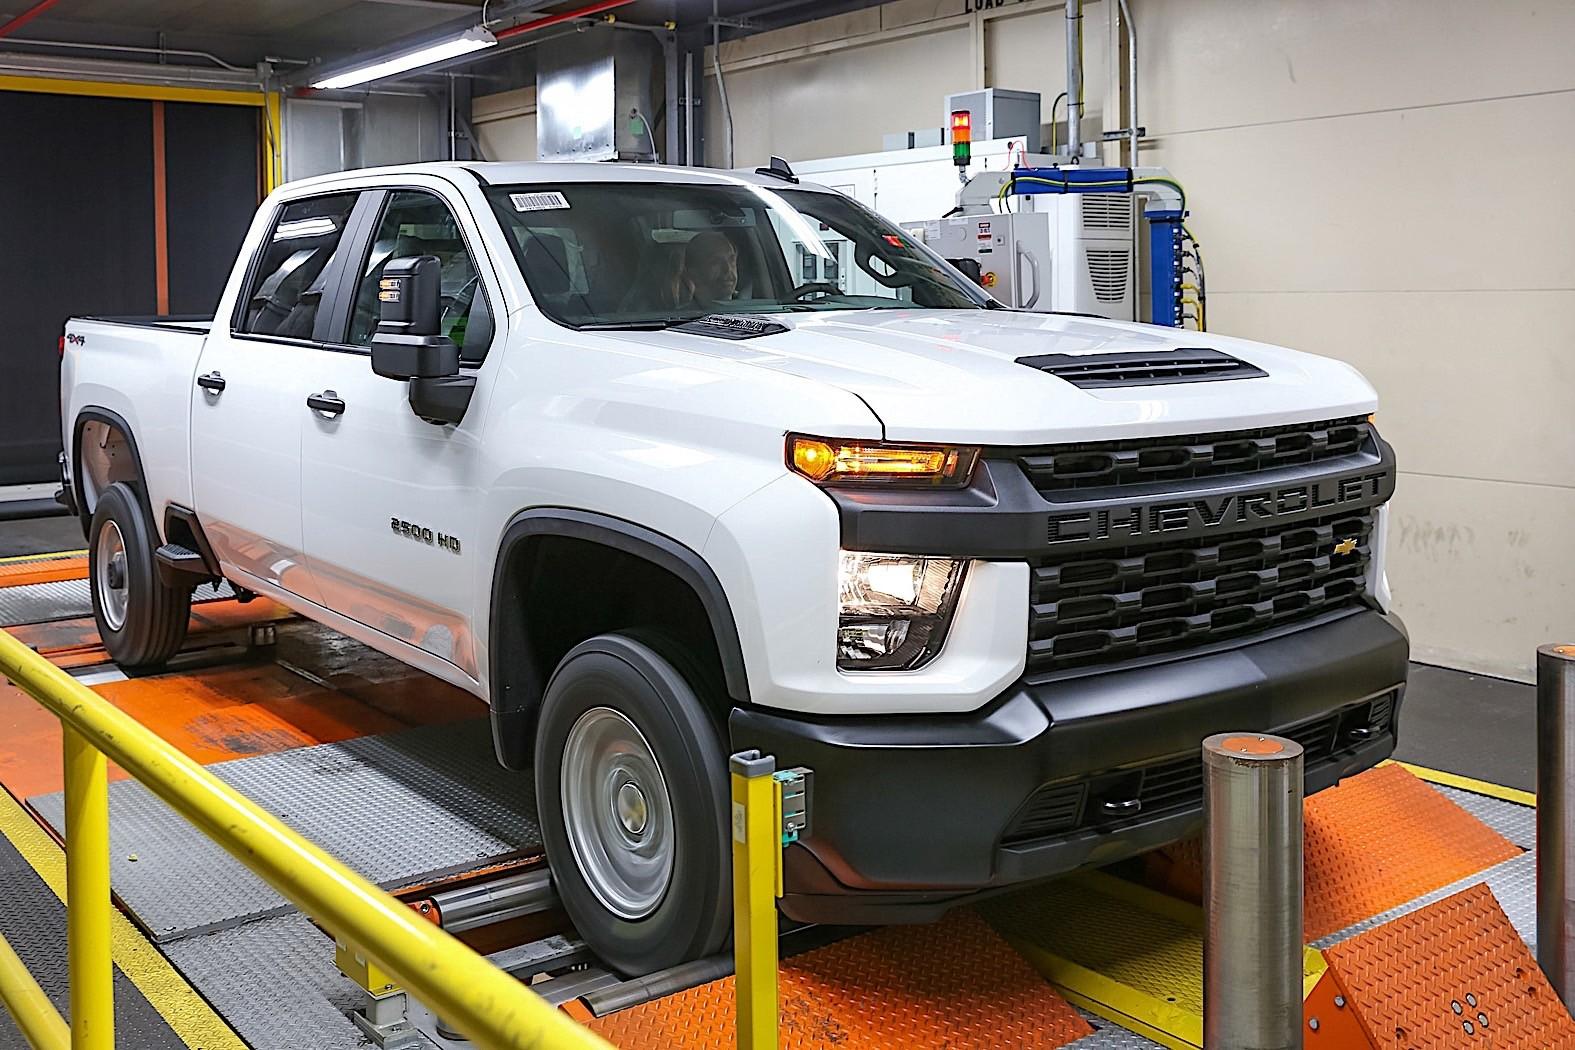 2020 Chevrolet Silverado Hd Shows Bad Boy Style In New Gallery